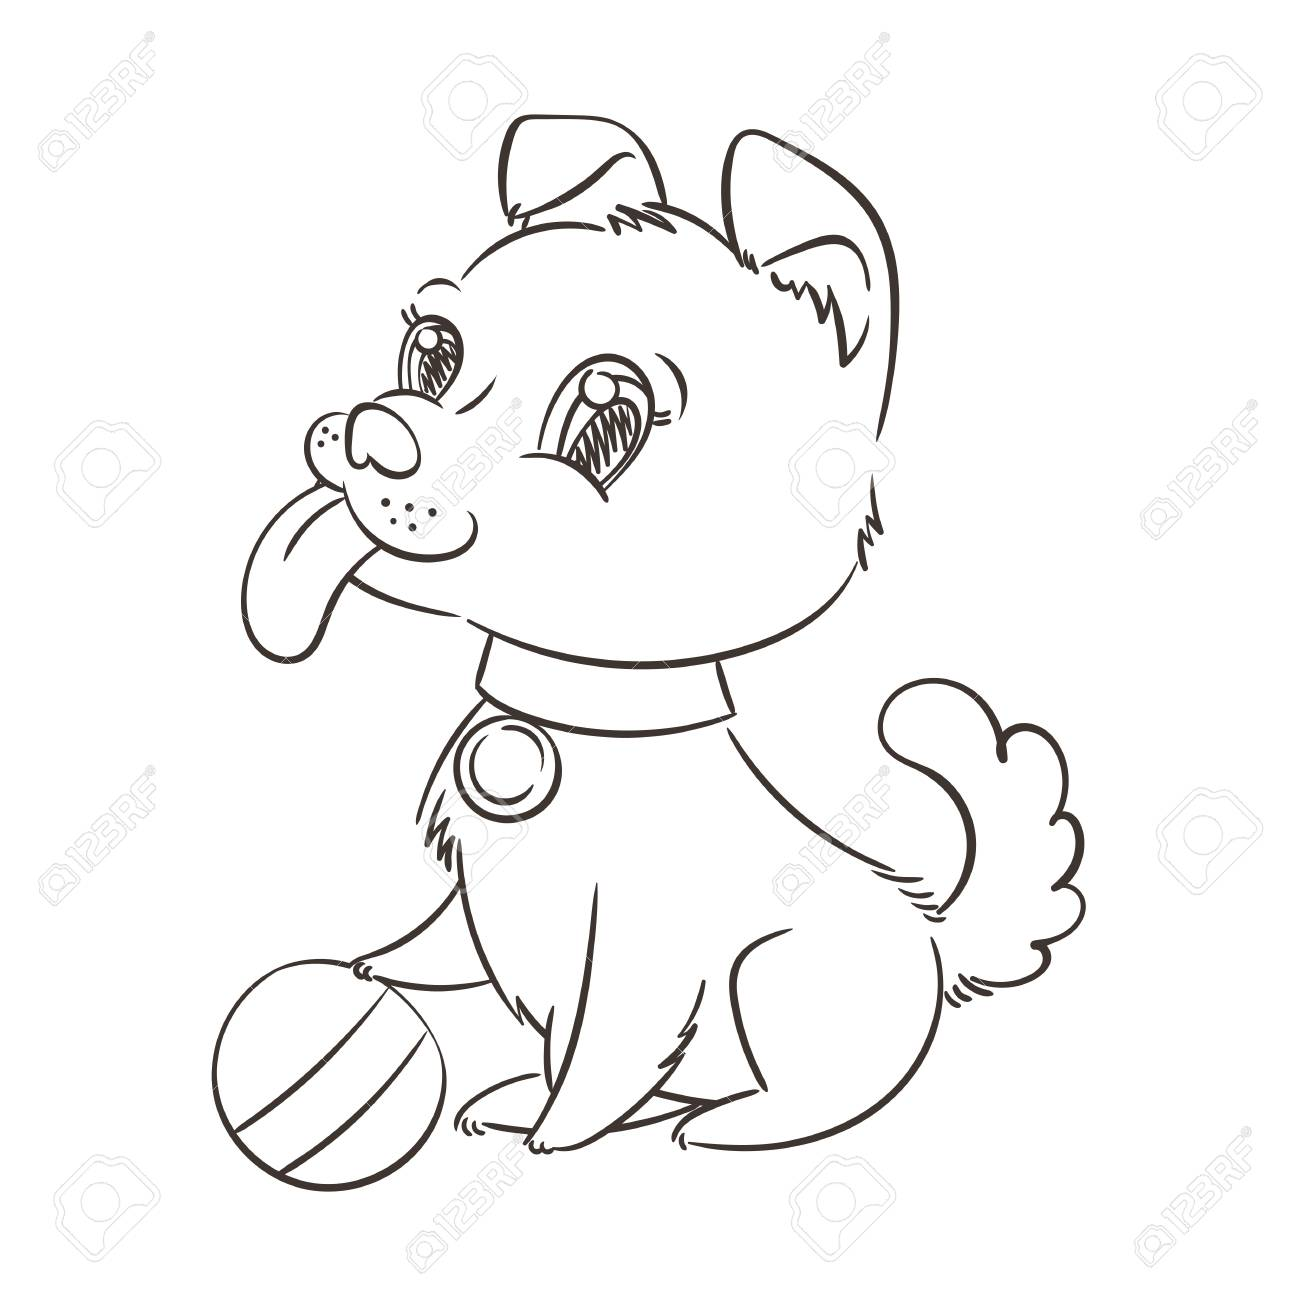 Chiot De Dessin Anime Dore Heureux Mignon Petit Chien Portant Un Collier Illustration Vectorielle Clip Art Libres De Droits Vecteurs Et Illustration Image 90748779